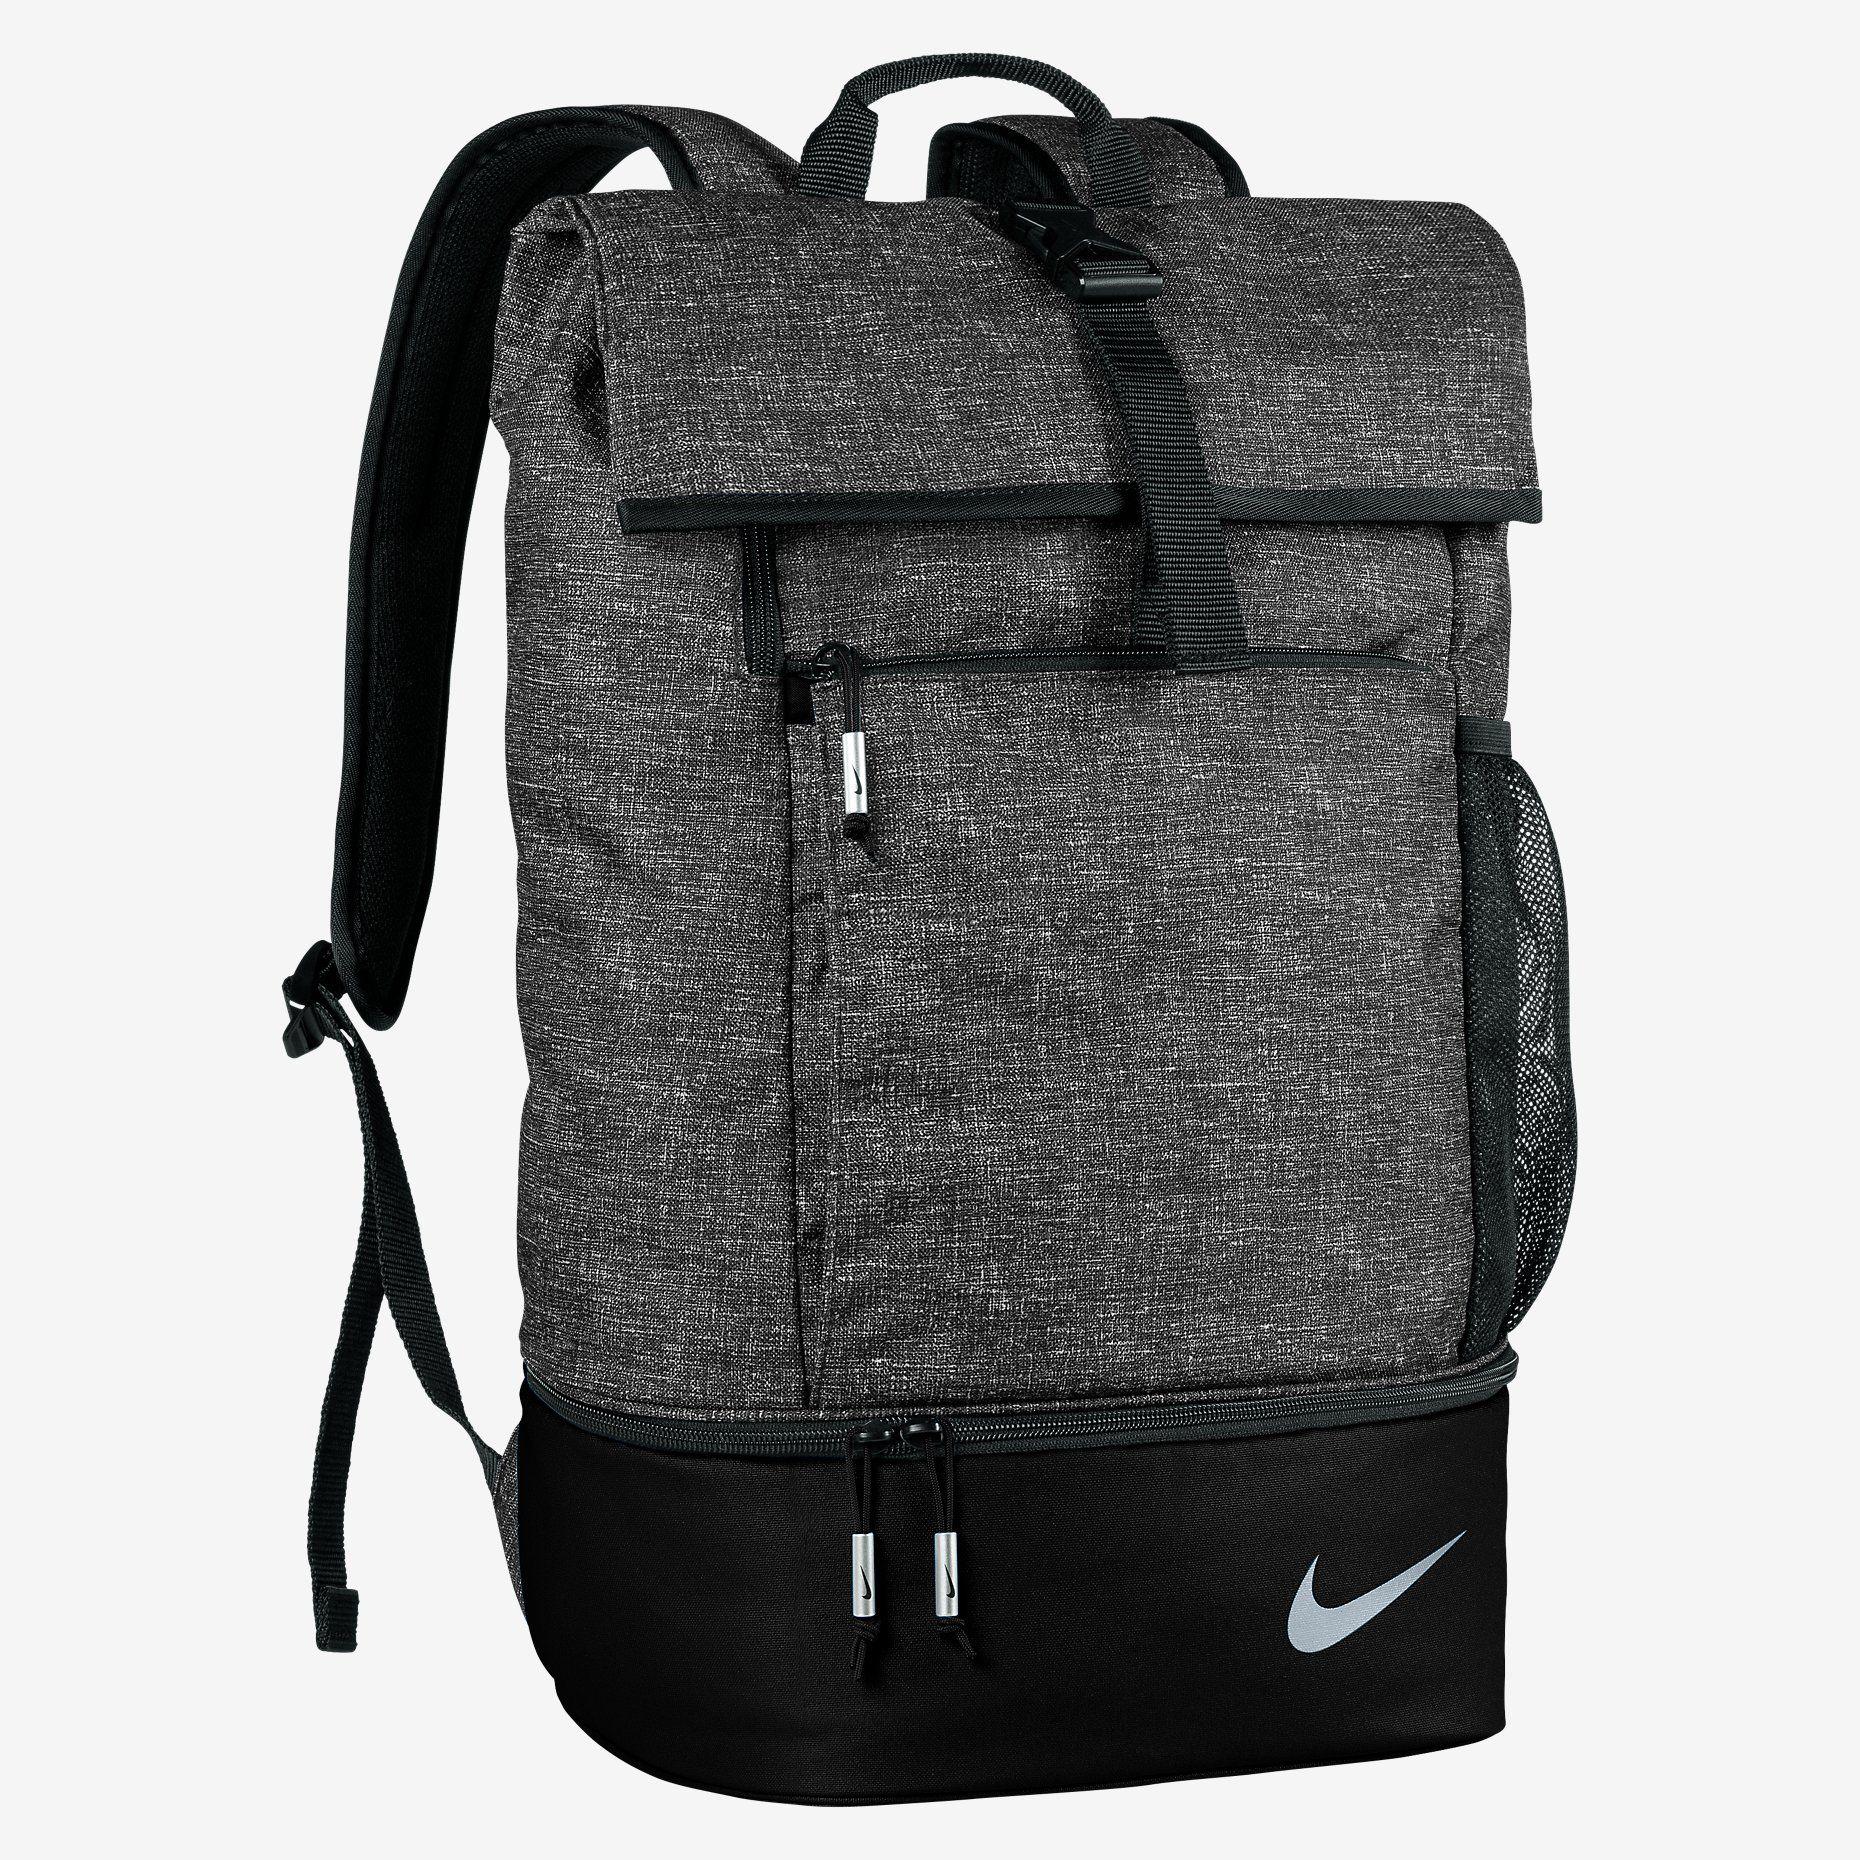 1553e2632406 Black Mesh Backpack Nike- Fenix Toulouse Handball